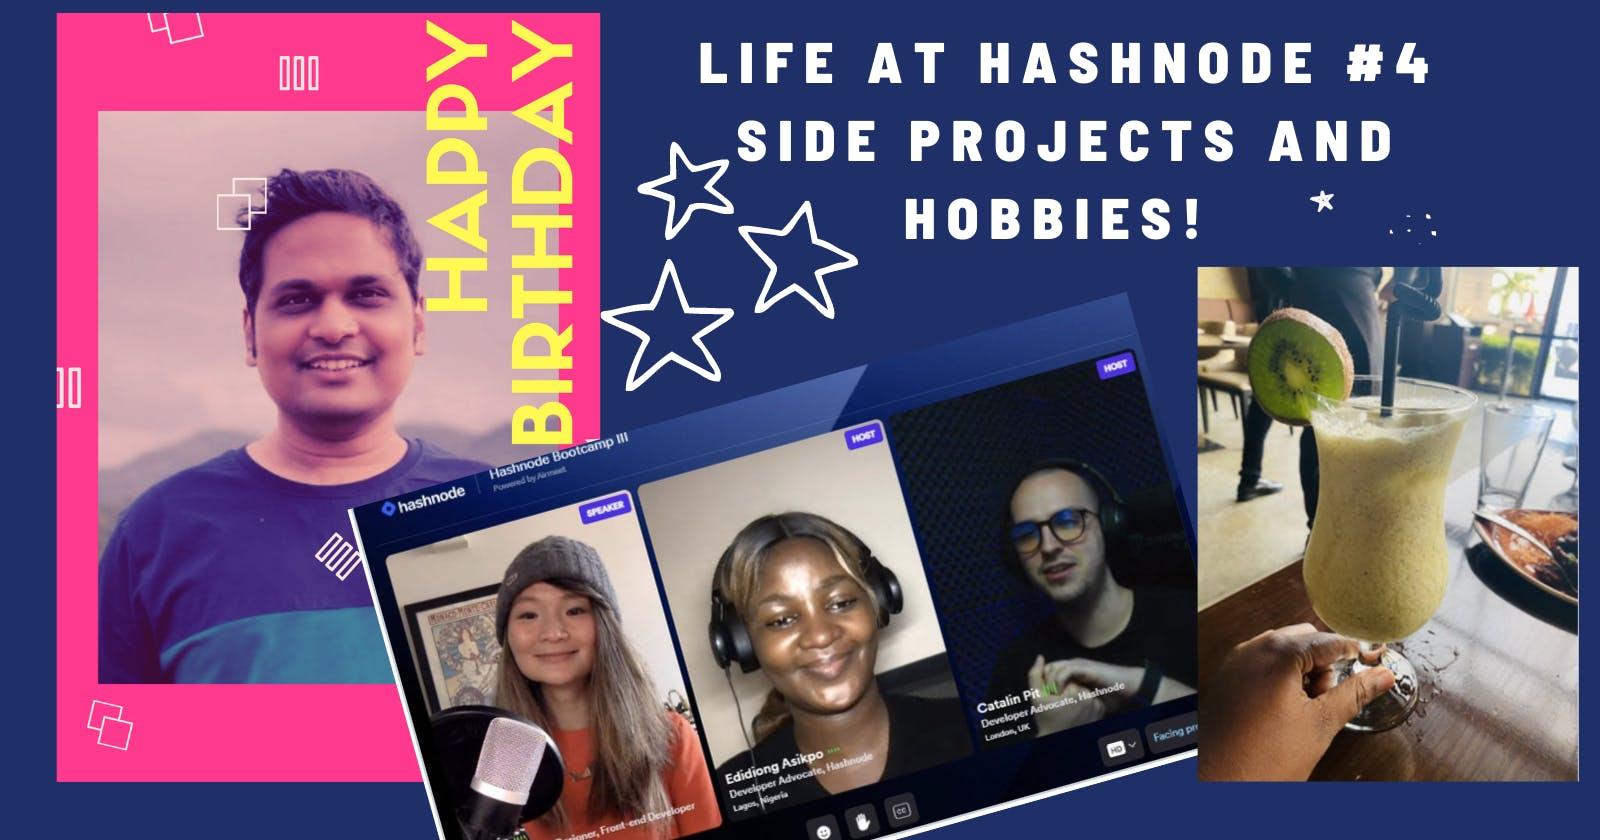 Life at Hashnode Edition: #4